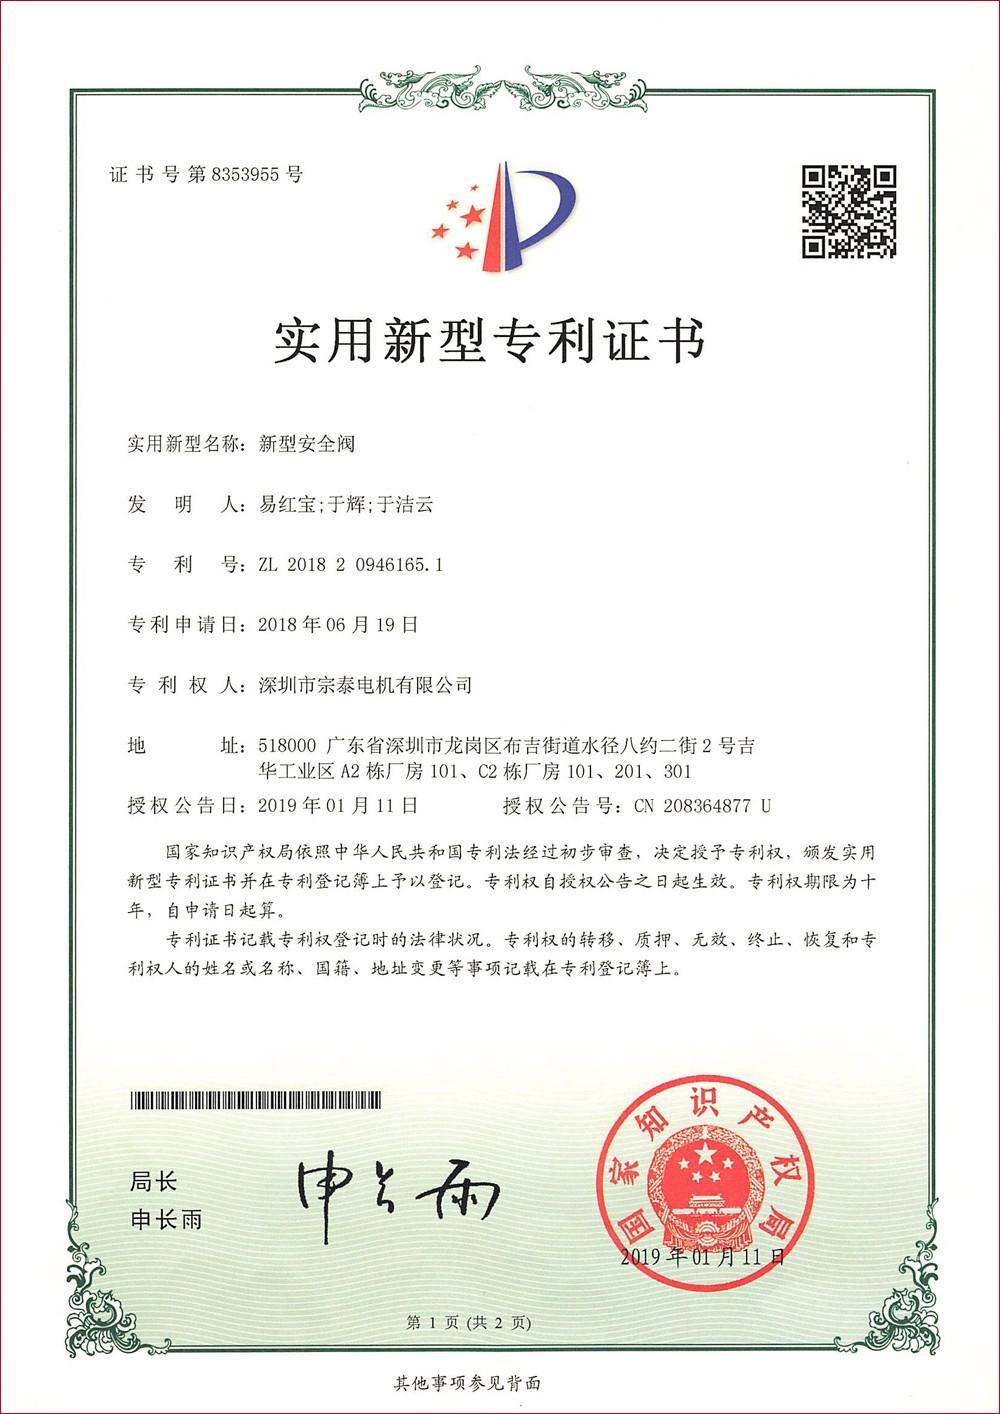 実用新案特許証明書1